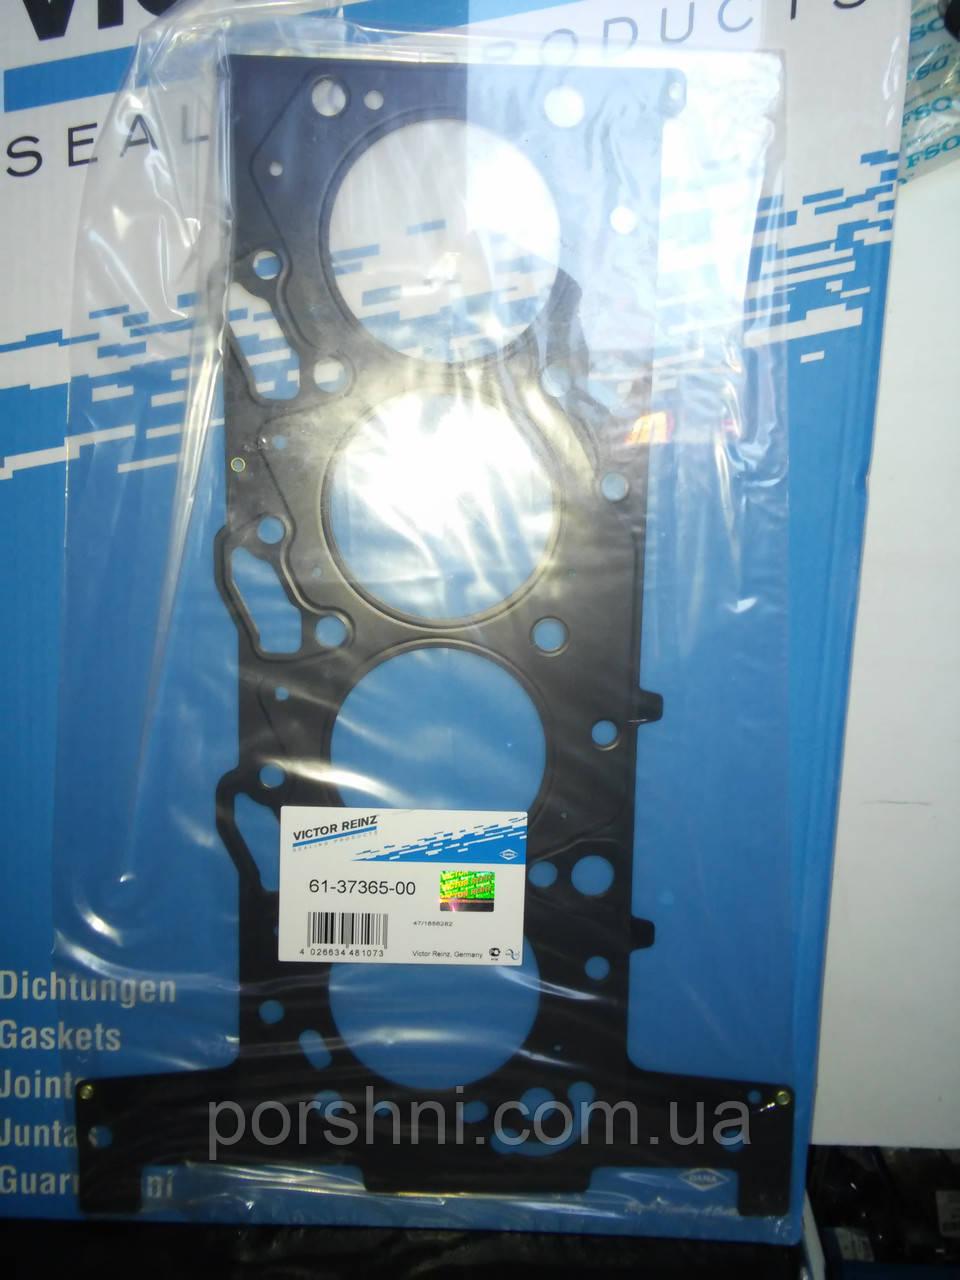 Прокладка  головки Ford Тransit   2.2 DI  2006 > 1 метки  VIKTOR REINZ  61-37365-00